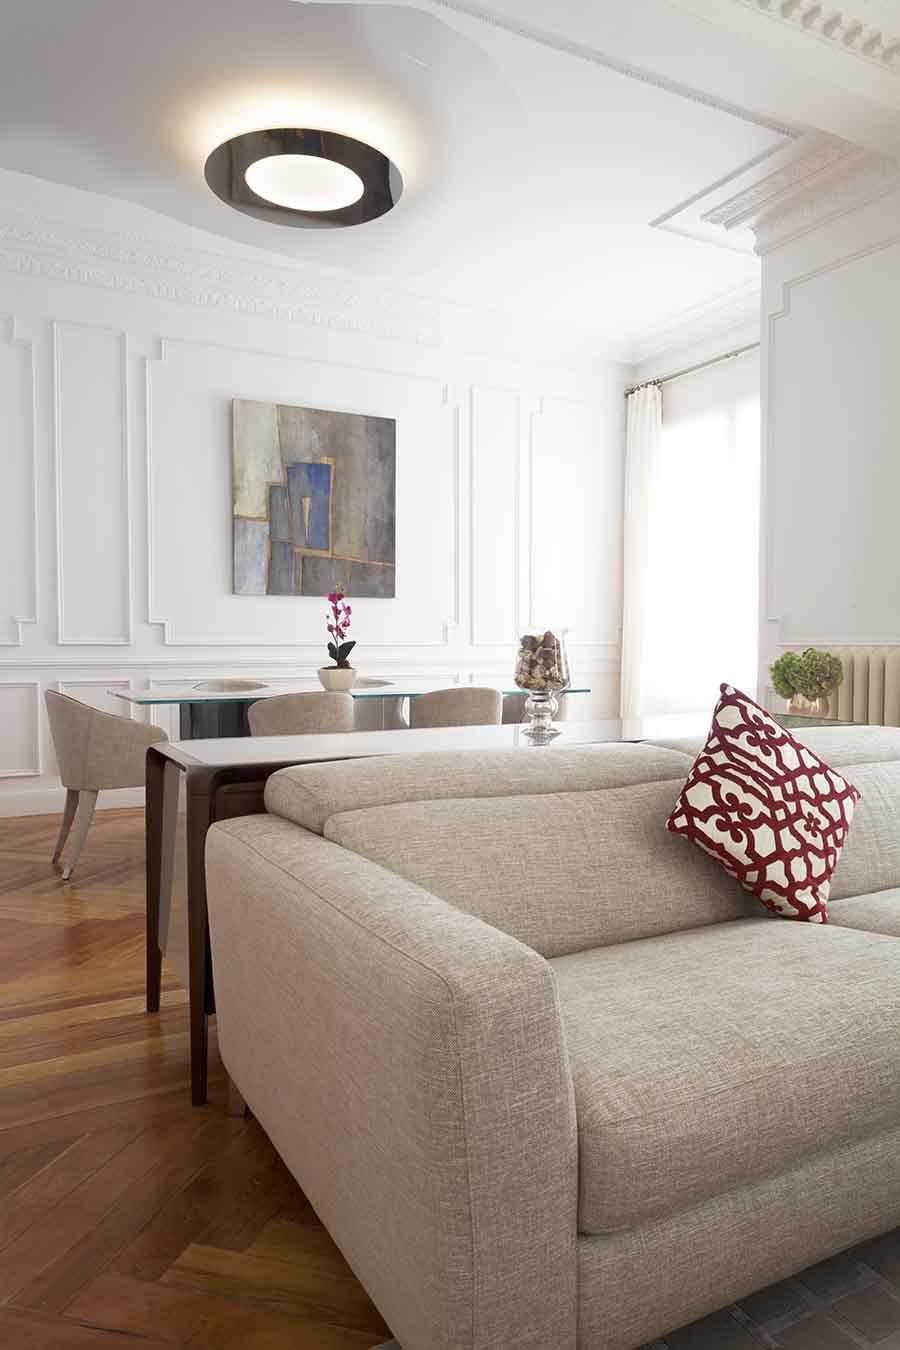 Alfonsoxi07 alicia mesa dise adora de interiores y arquitectos en madrid - Arquitecto de interiores madrid ...